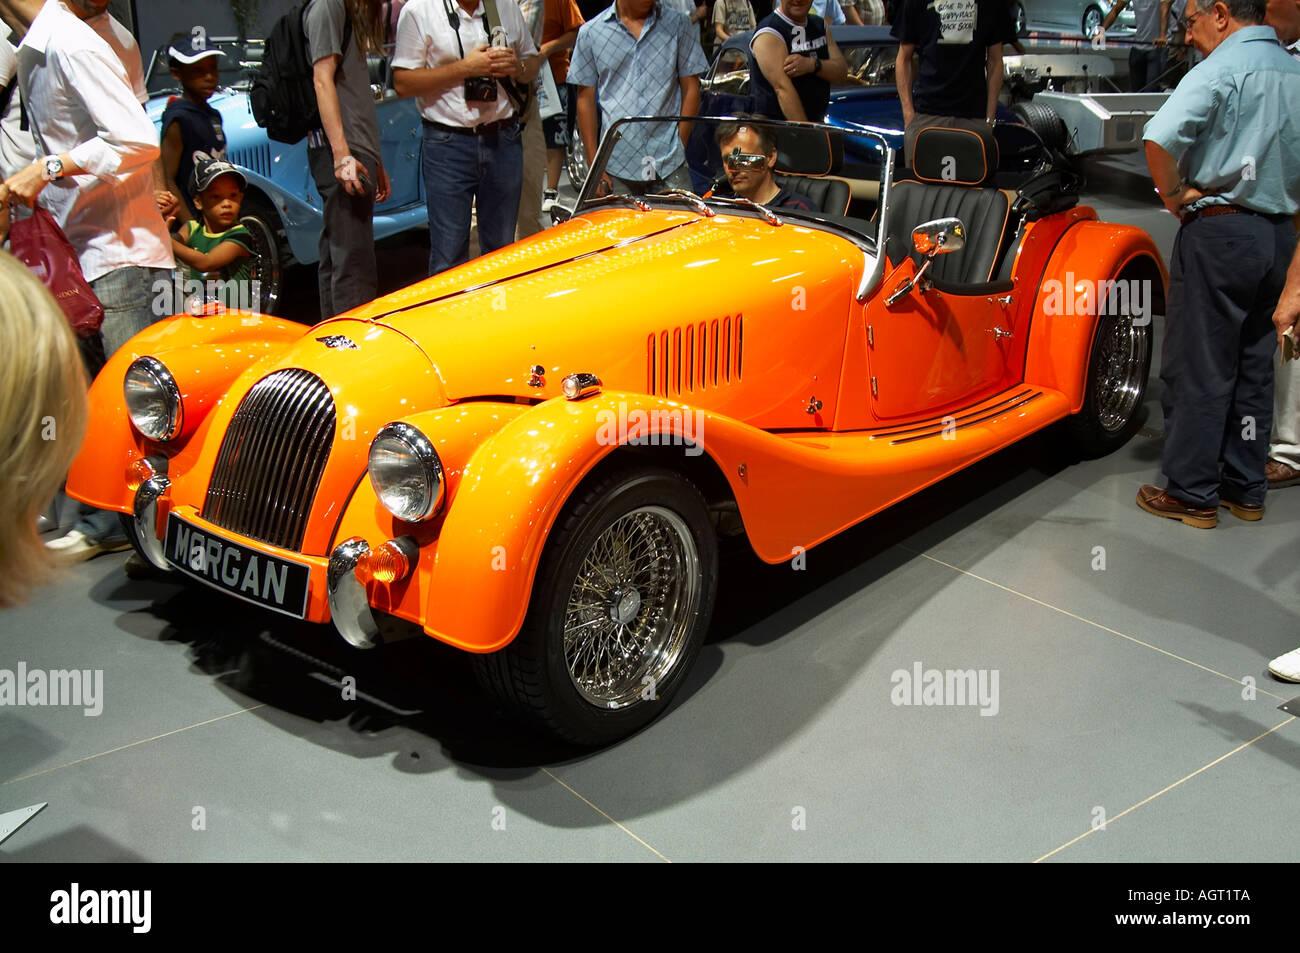 Classic Morgan Sports Car Stock Photos & Classic Morgan Sports Car ...